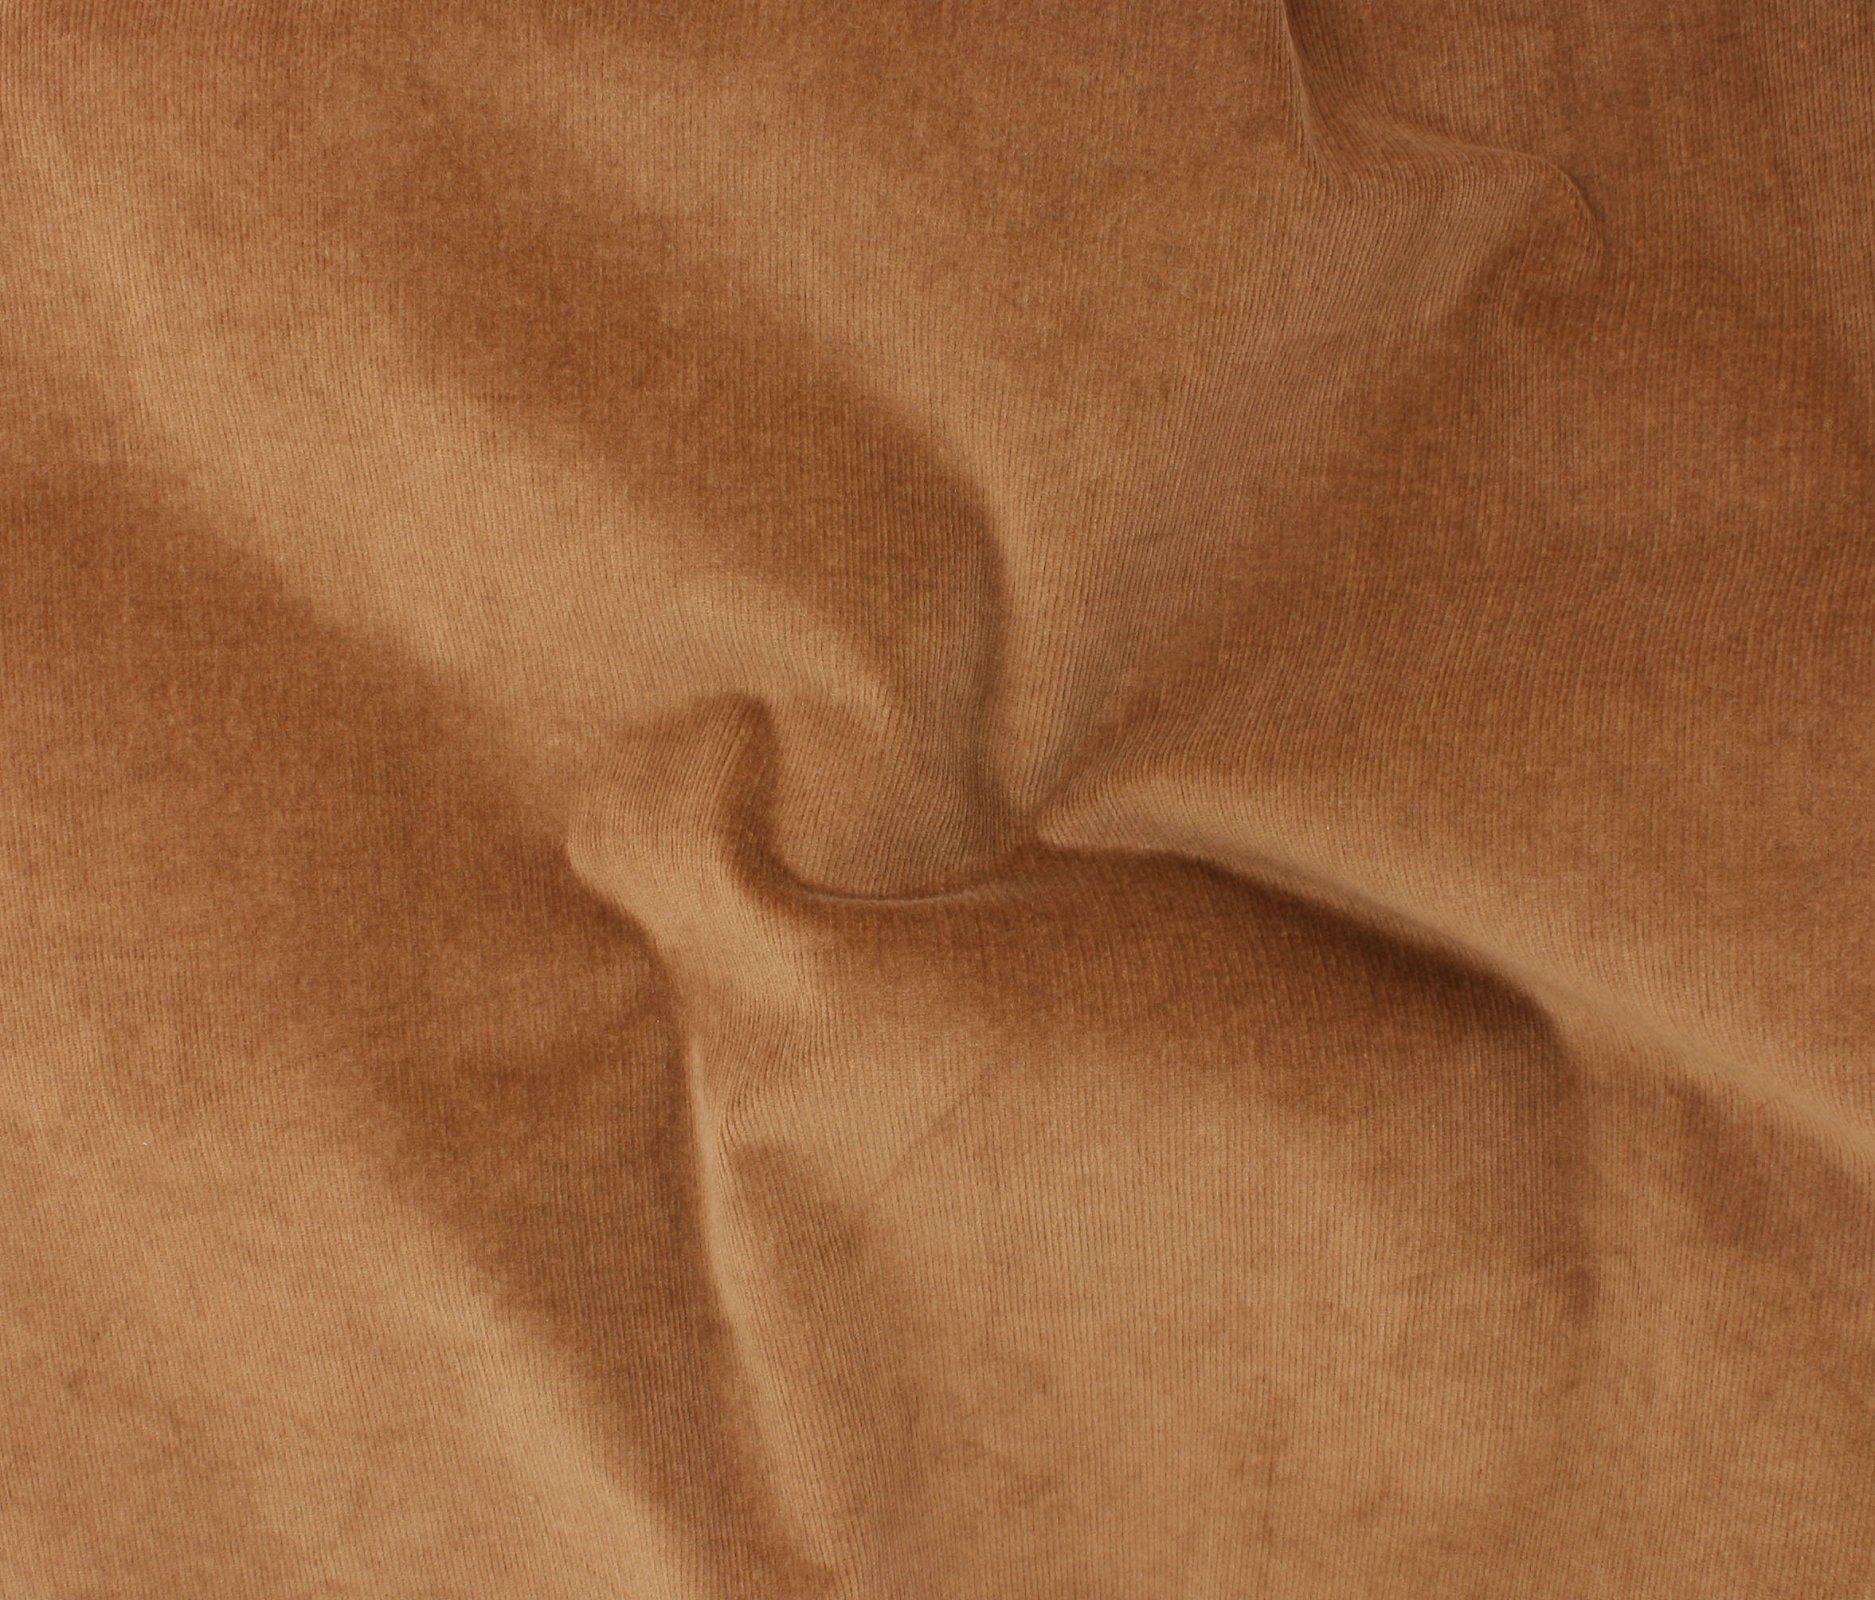 21 Wale Stretch Corduroy - Leather